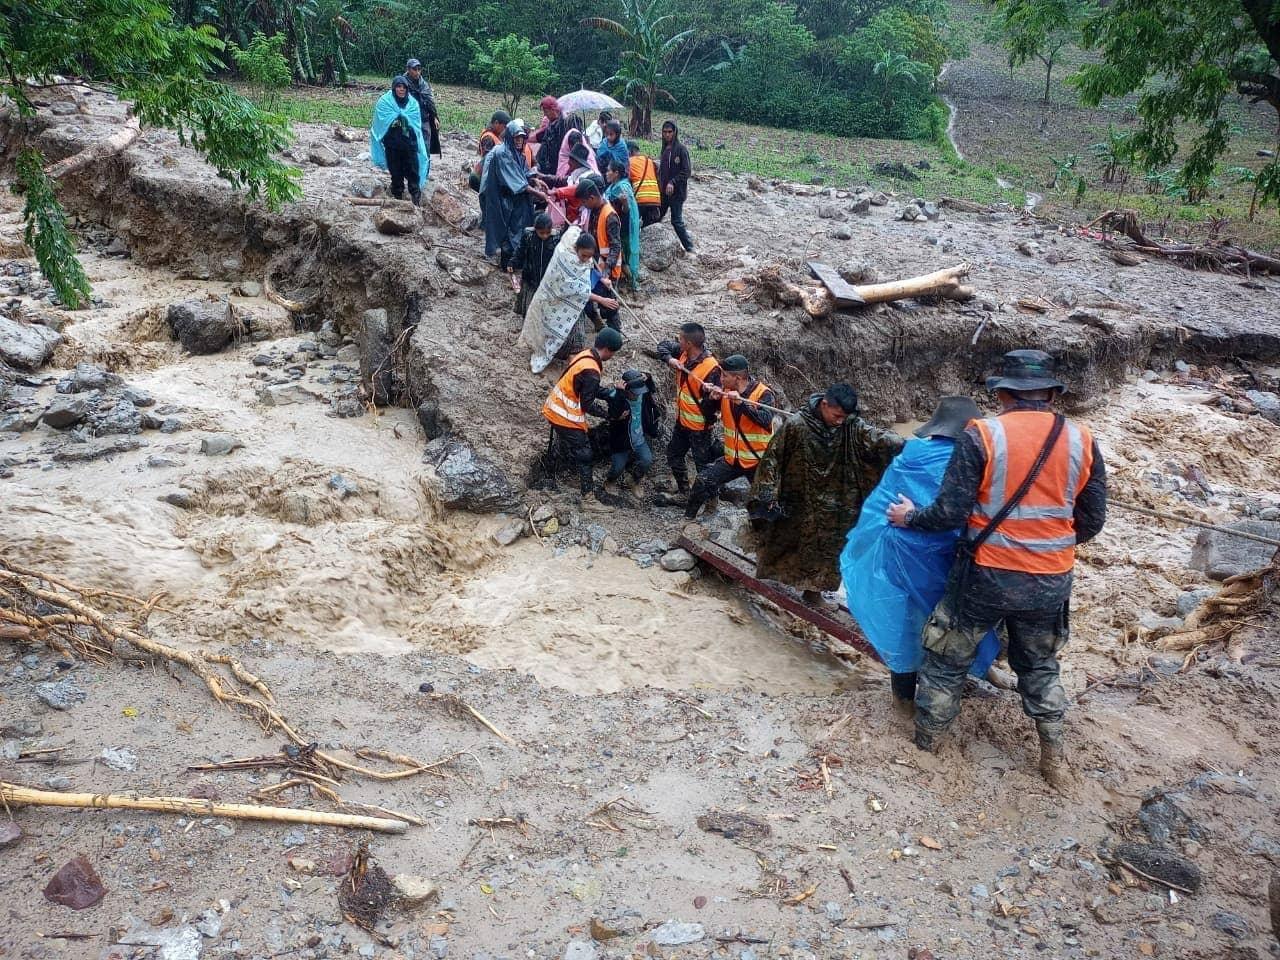 MÁS DE 50 PERSONAS HAN MUERTO EN GUATEMALA POR LAS INTENSAS LLUVIAS